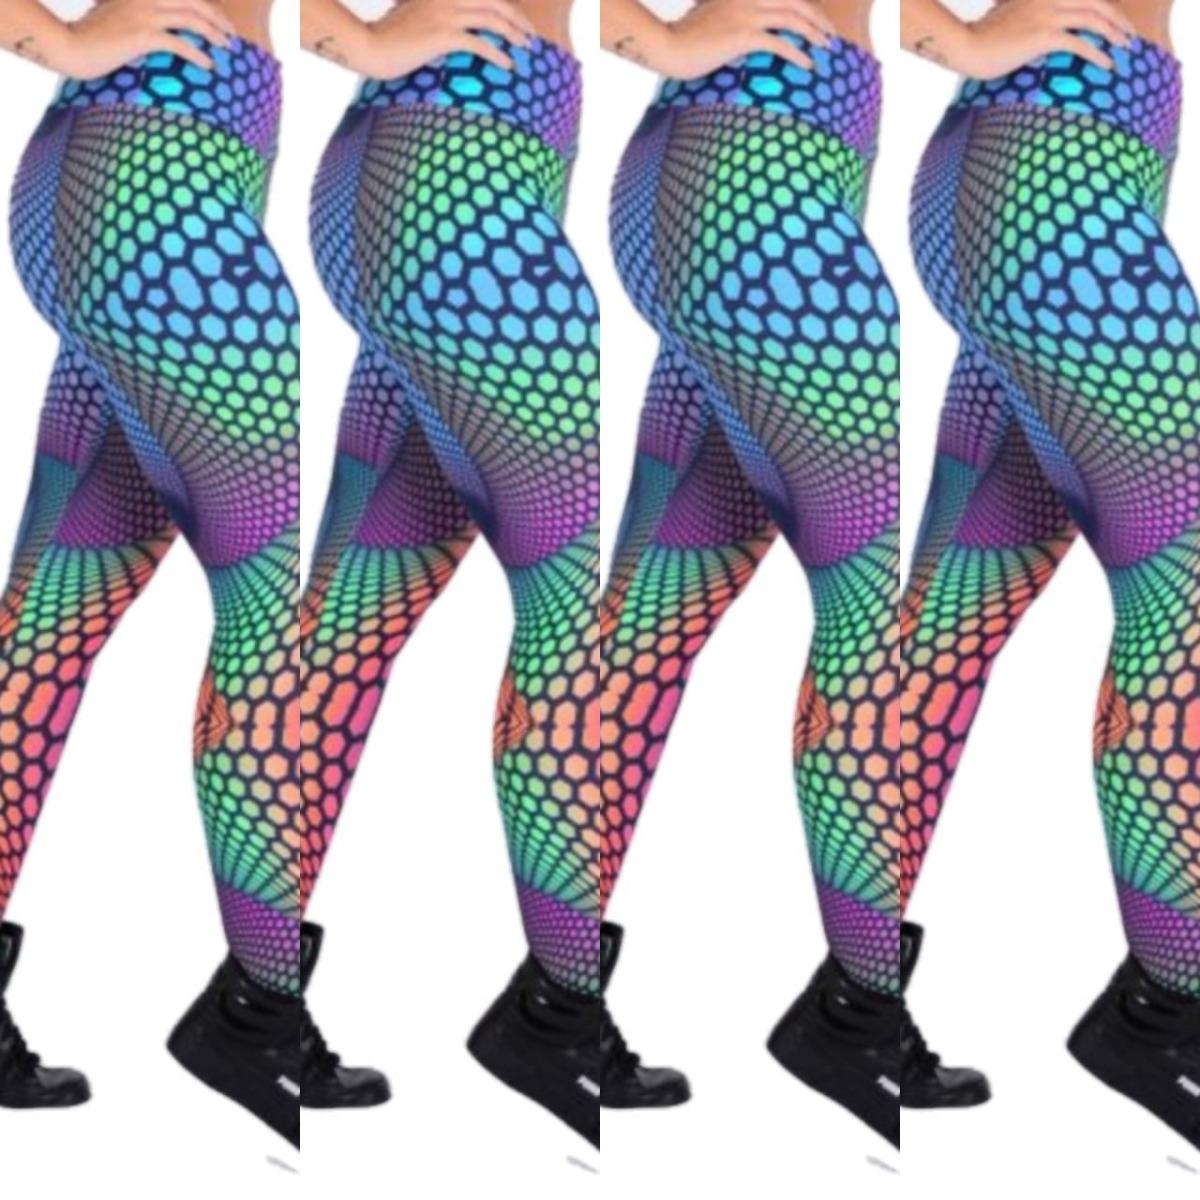 5147a3531 Kit 9 Calças Legging Moda Fitness Feminina Atacado Revenda - R  110 ...